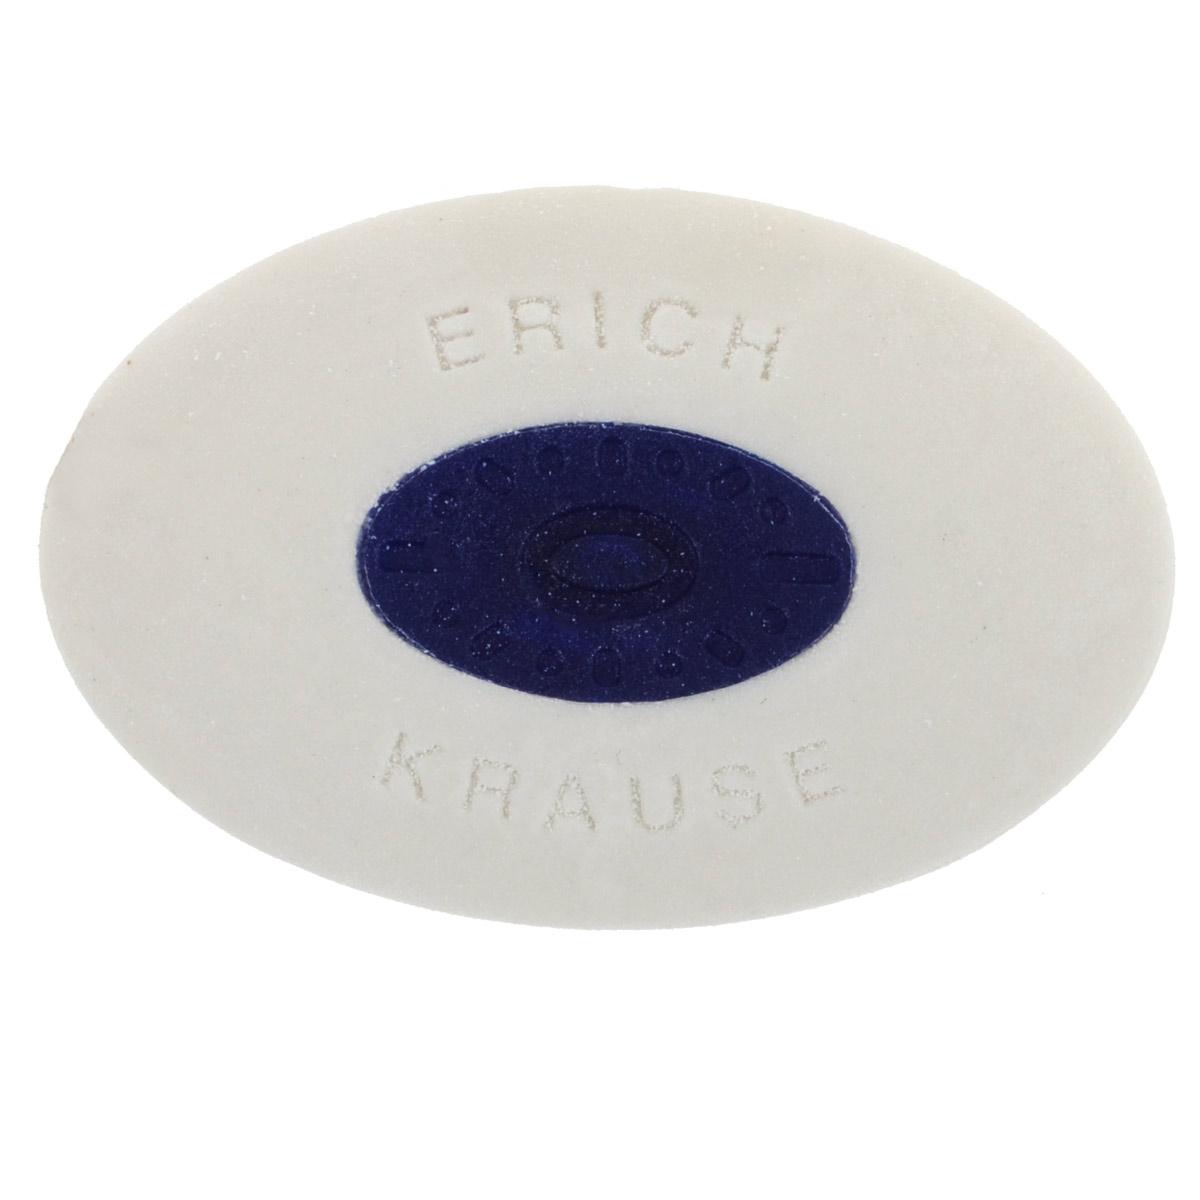 Ластик Erich Krause Smart, центровкой, цвет: белый730396Ластик Erich Krause Smart станет незаменимым аксессуаром на рабочем столе не только школьника или студента, но и офисного работника. Для удобства использования в центре расположена пластиковая вставка.